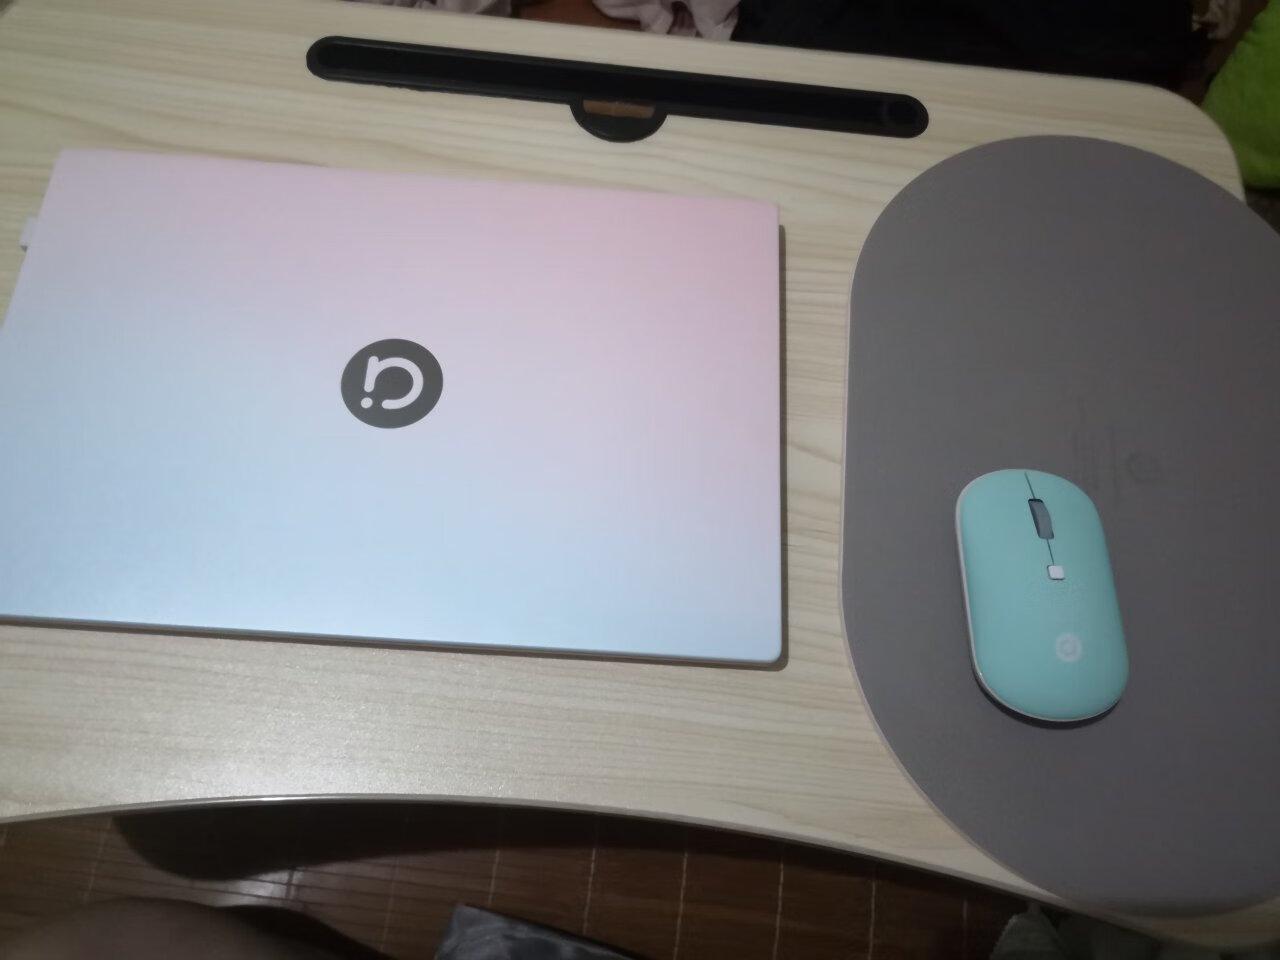 adolbook13超轻薄笔记本电脑,送女朋友生日礼物